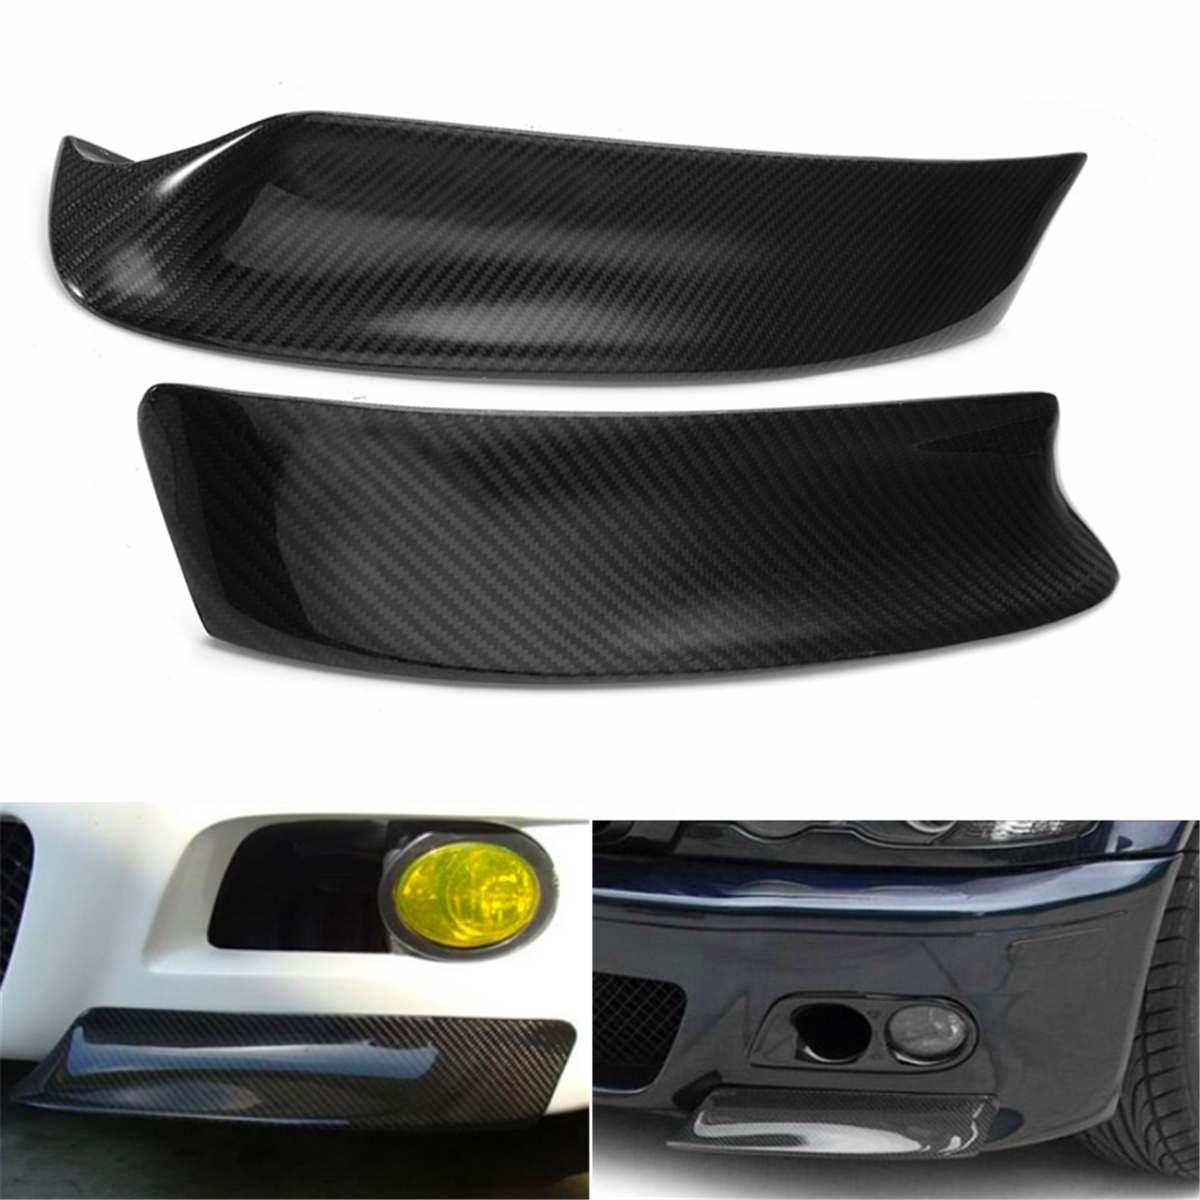 1 paire Racing fibre de carbone Style pare-chocs avant lèvre diffuseur diviseurs Canard séparateur d'air couverture garniture pour BMW E46 M3 1999-2006